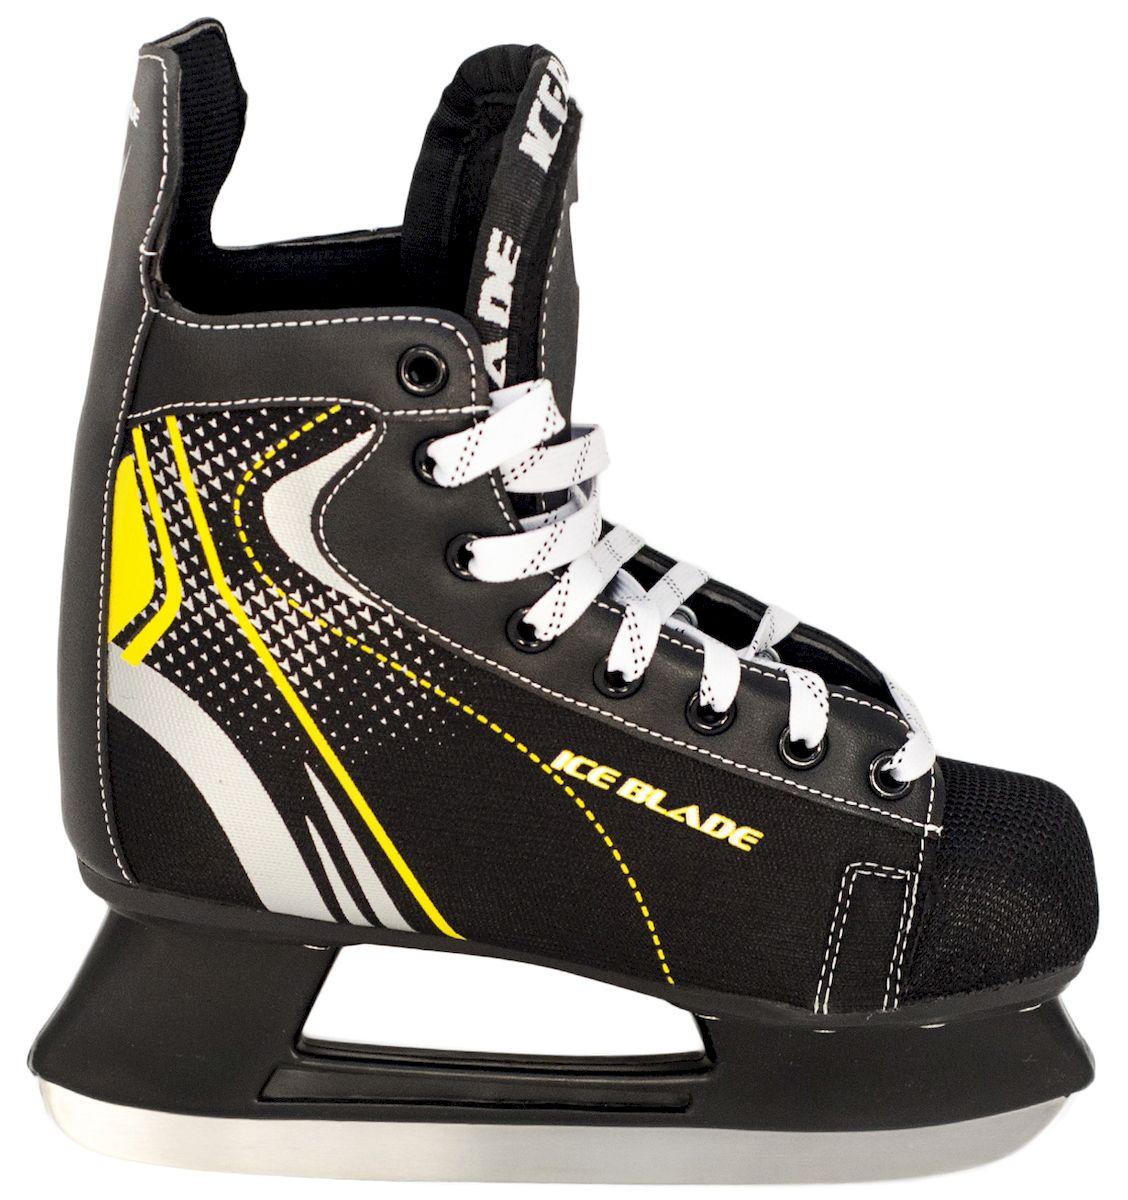 Коньки хоккейные Ice Blade Shark, цвет: черный, желтый. УТ-00006841. Размер 43УТ-00006841Коньки хоккейные Shark - модный яркий дизайн коньков данной модели делает ее очень популярной у любителей хоккея. Модель Shark от Ice Blade также хорошо подойдет и для коммерческого использования. Данная модель часто используется в прокате. Коньки поставляются с заводской заточкой лезвия, что позволяет сразу приступить к катанию, не тратя время и денег на заточку. Коньки подходят для использования на открытом и закрытом льду. Основные характеристики: Назначение: хоккейные коньки Тип фиксации: шнурки Дополнительные характеристики: Материал ботинка: искусственная кожа, высокопрочная нейлоновая ткань, ударостойкий пластик Внутренняя отделка: вельветин с утеплением Лезвие: лезвие выполнено из высокоуглеродистой стали с покрытием из никеля Упаковка: удобная сумка Дополнительно: Гарантия 1 год